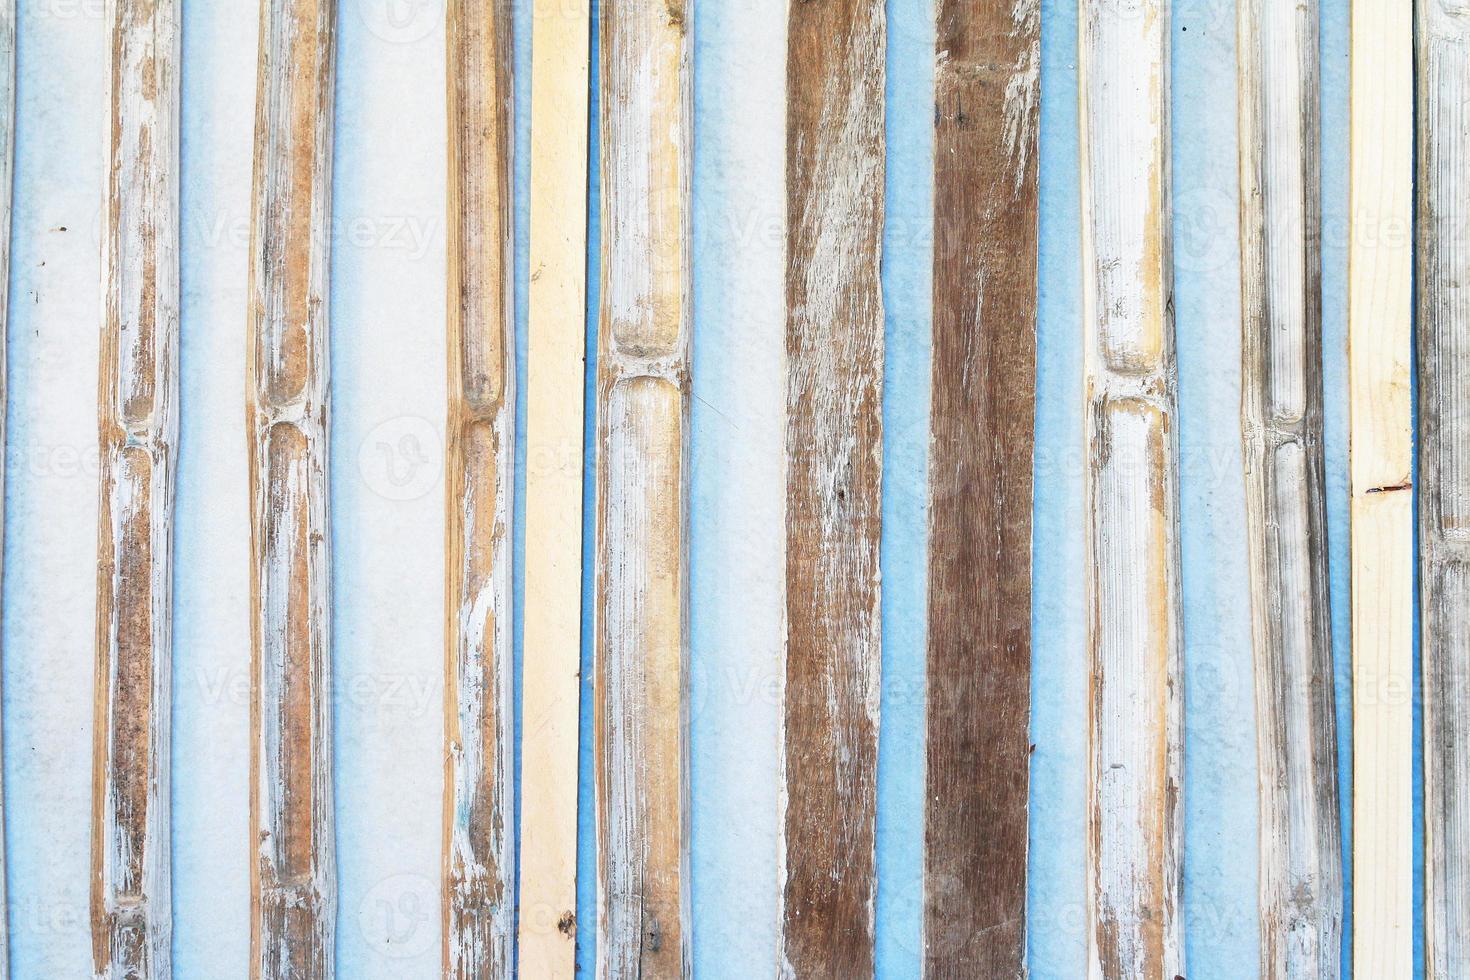 plank hout patroon. foto